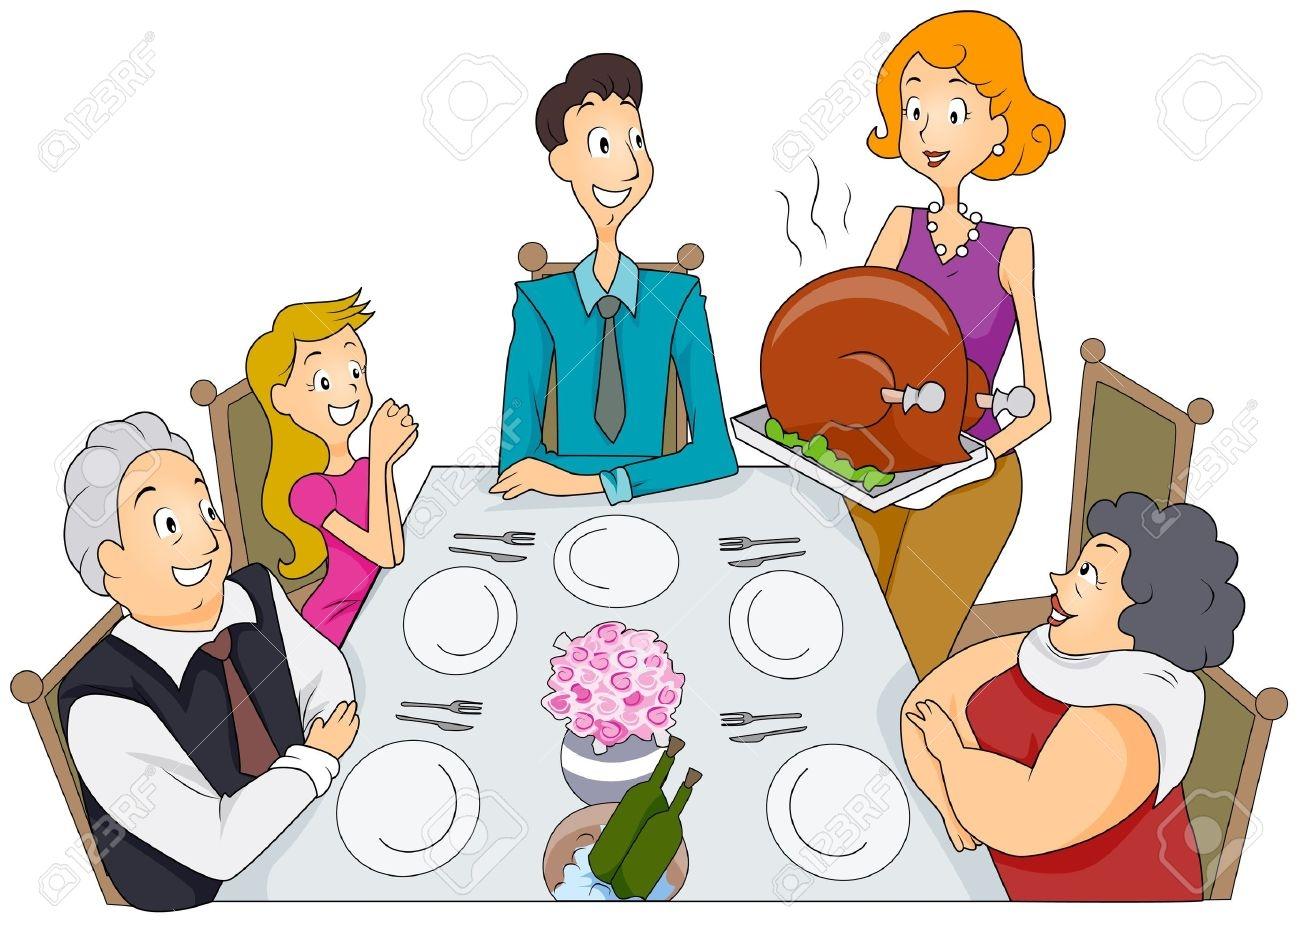 Thanksgiving clipart thanksgiving dinner Clipart Dinner Savoronmorehead Social dinner